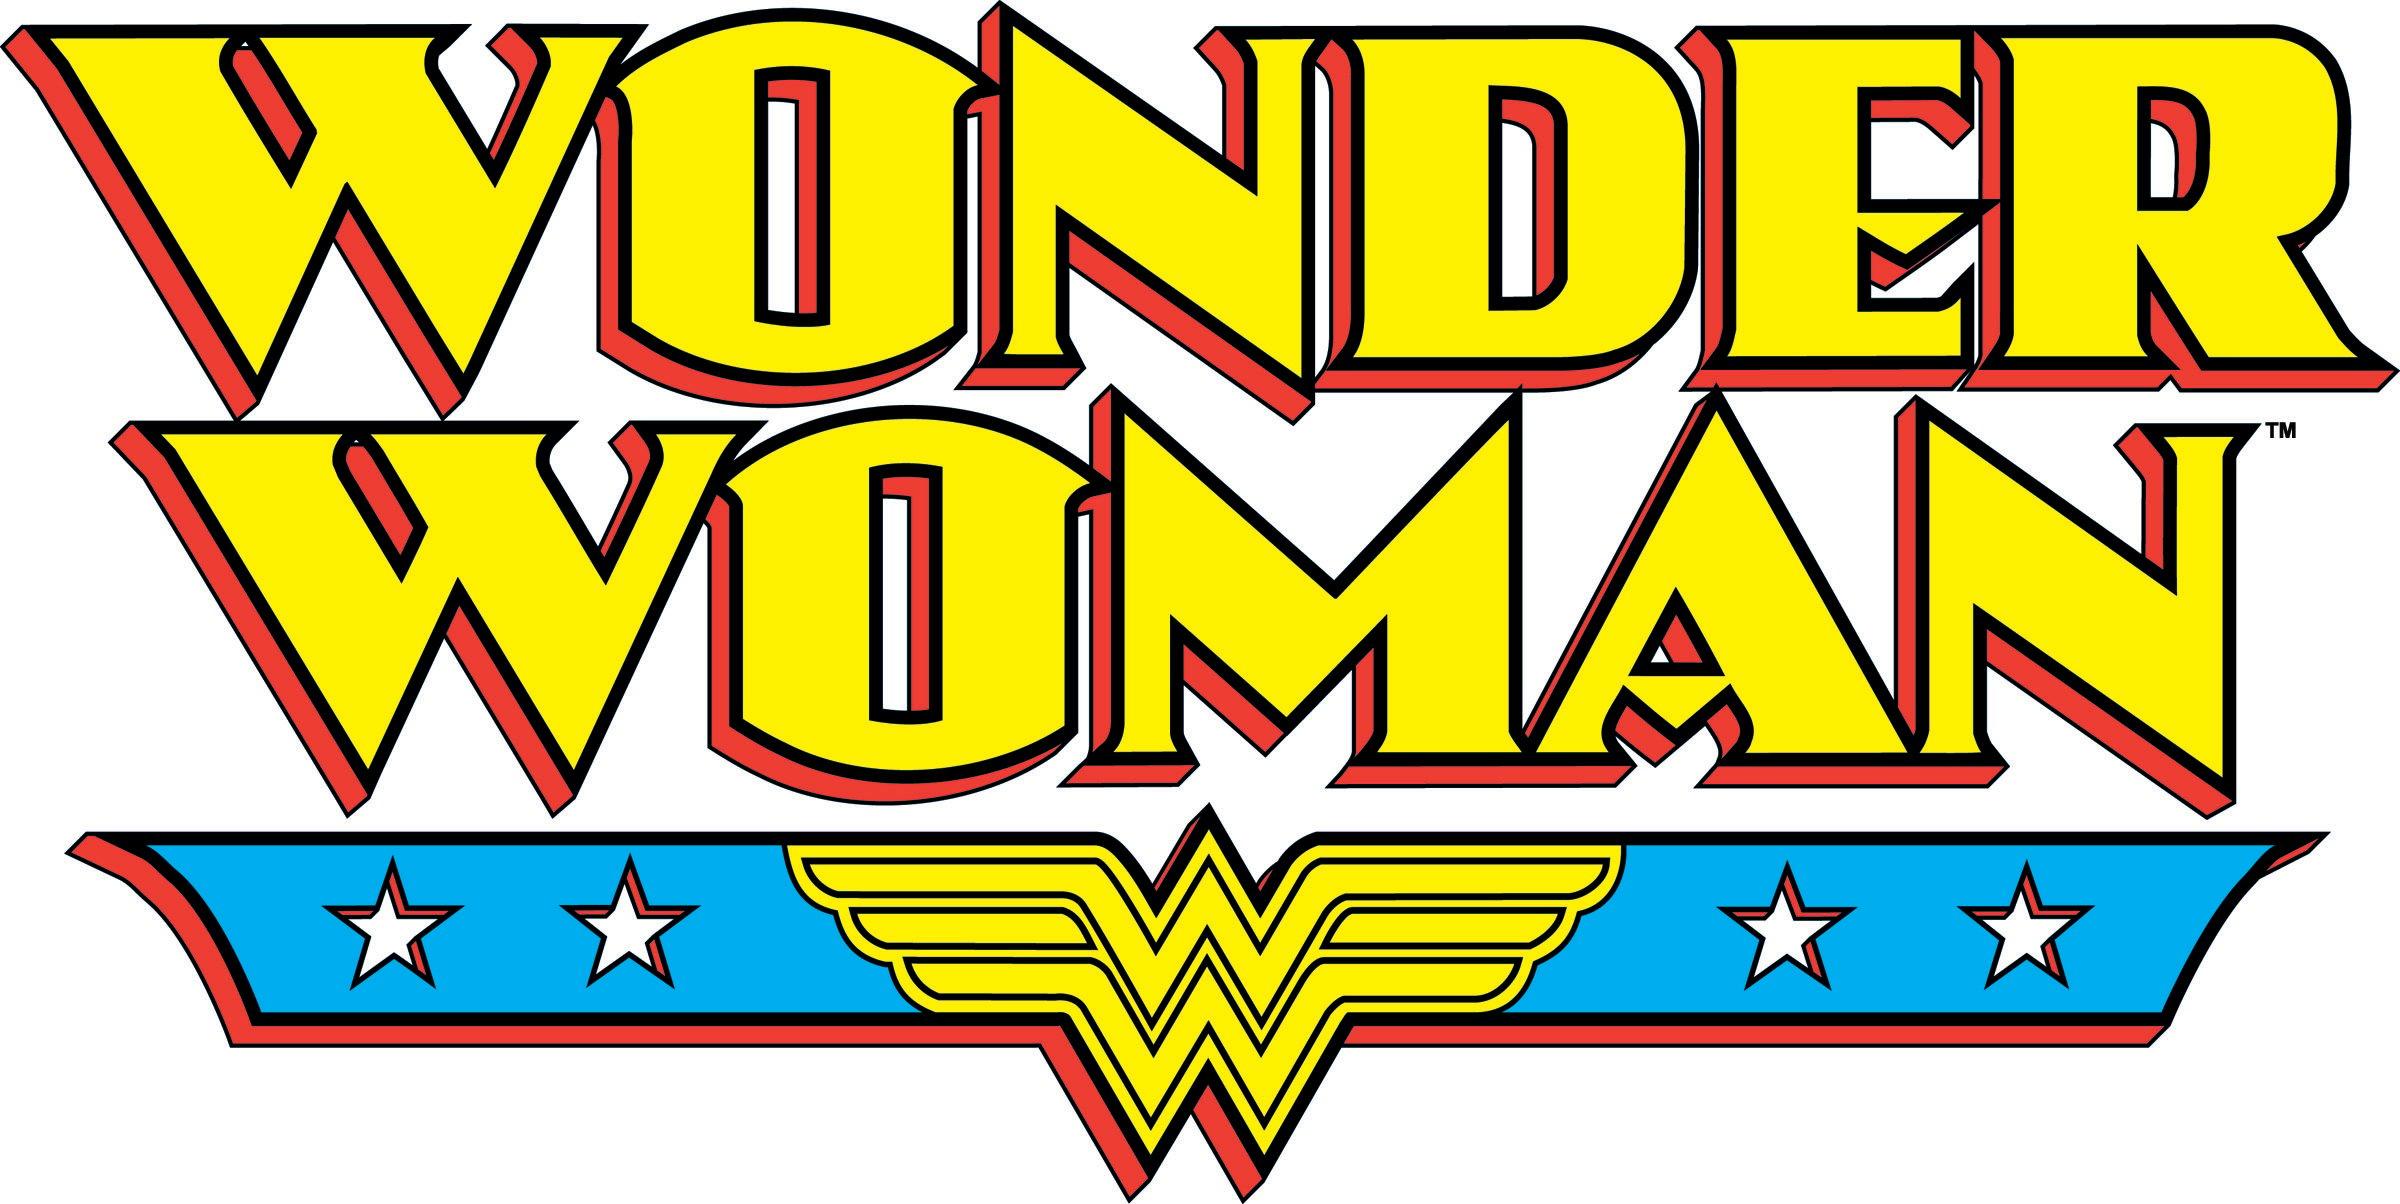 wonder woman logo Logospikecom Famous and Vector Logos 2400x1204